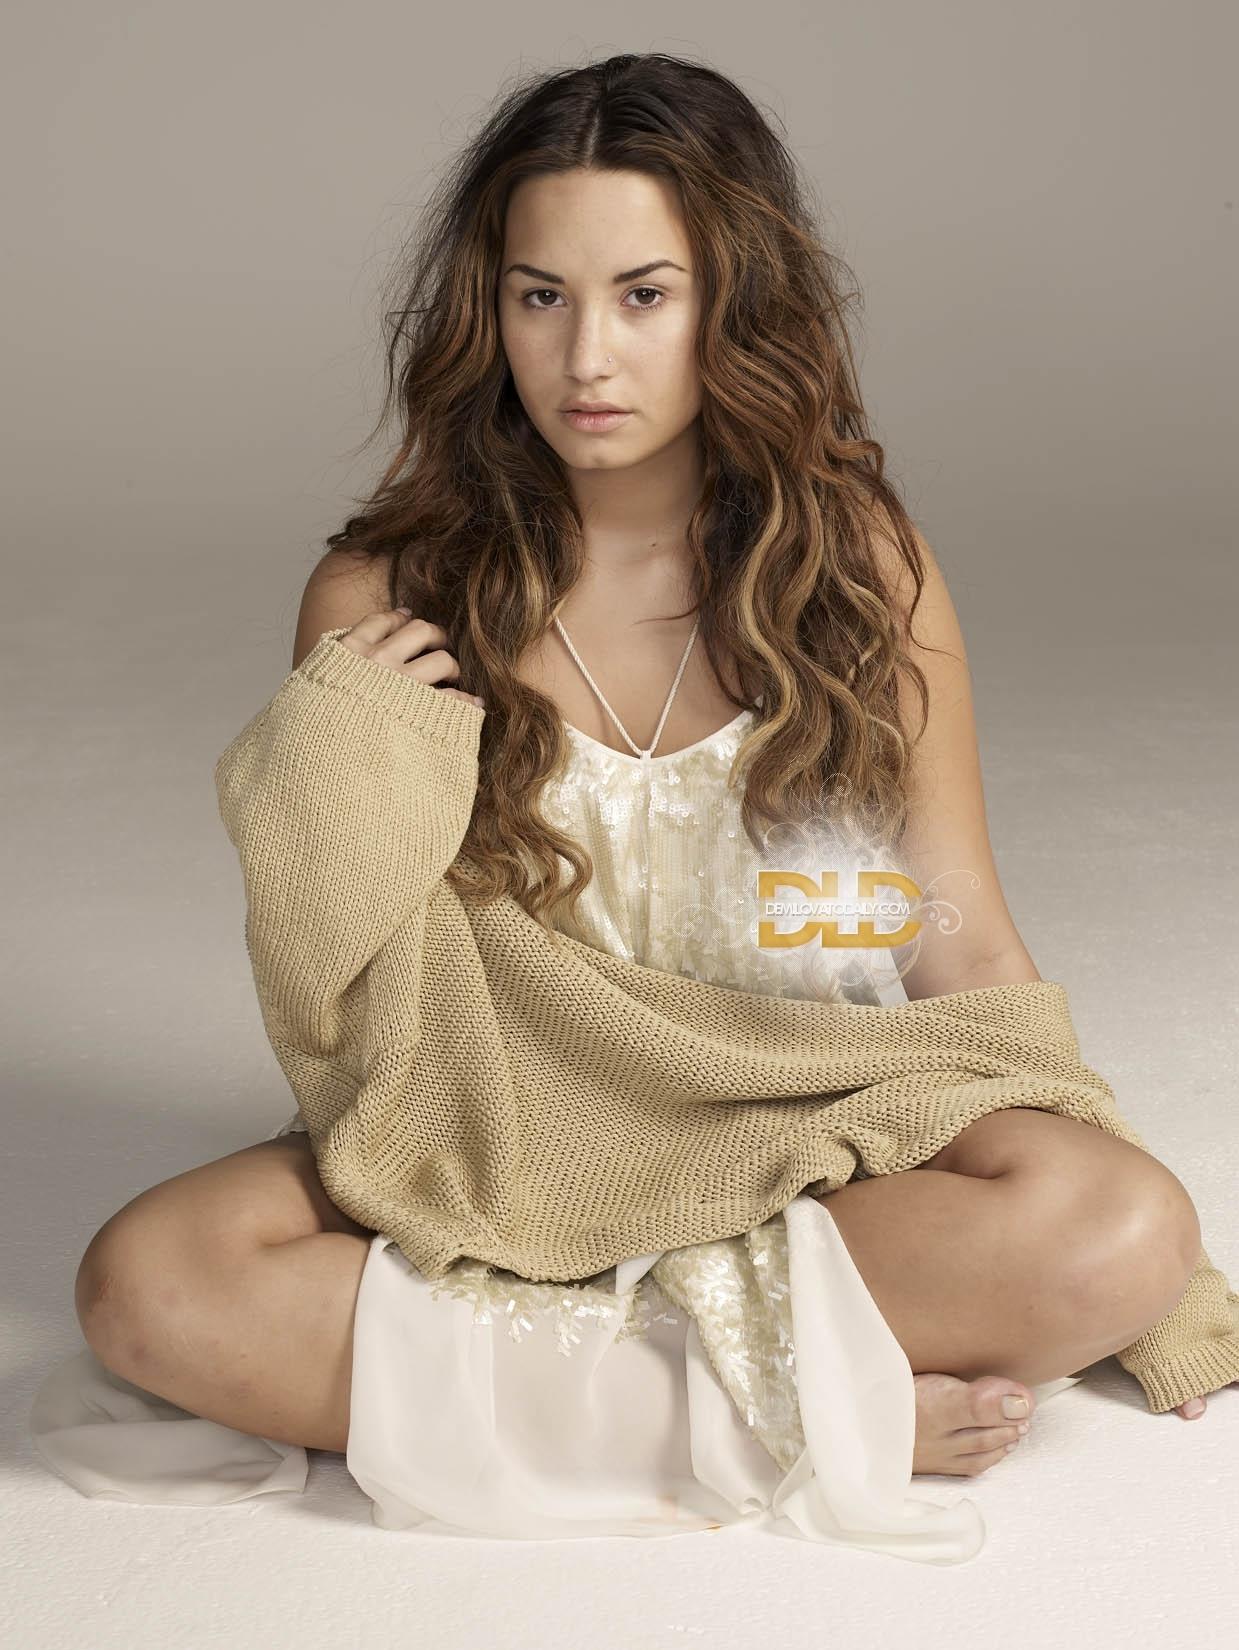 M Vriens Mcgrath 2011 Demi Lovato Foto 33550756 Fanpop